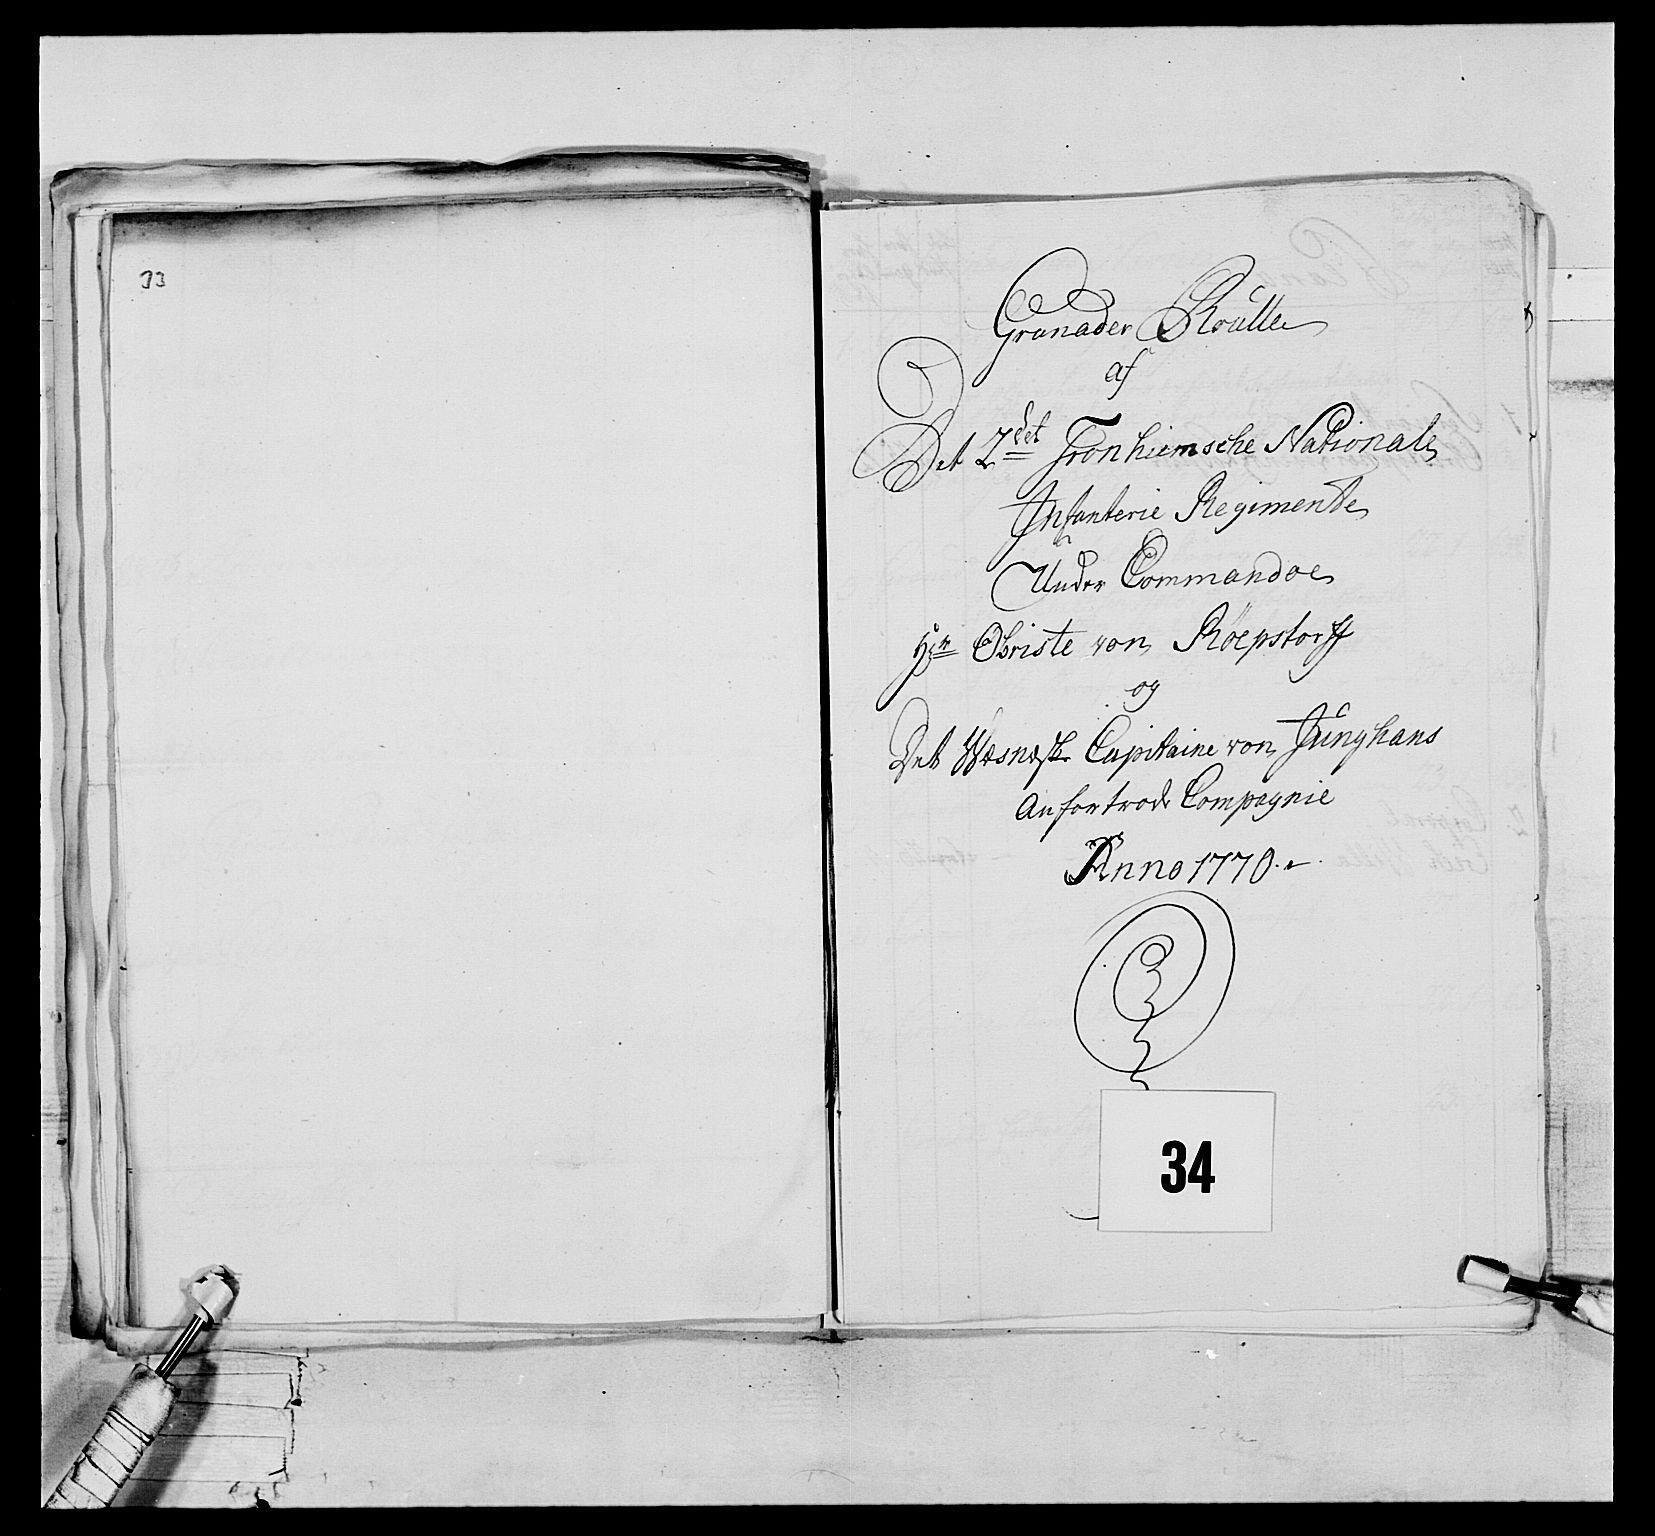 RA, Generalitets- og kommissariatskollegiet, Det kongelige norske kommissariatskollegium, E/Eh/L0076: 2. Trondheimske nasjonale infanteriregiment, 1766-1773, s. 102